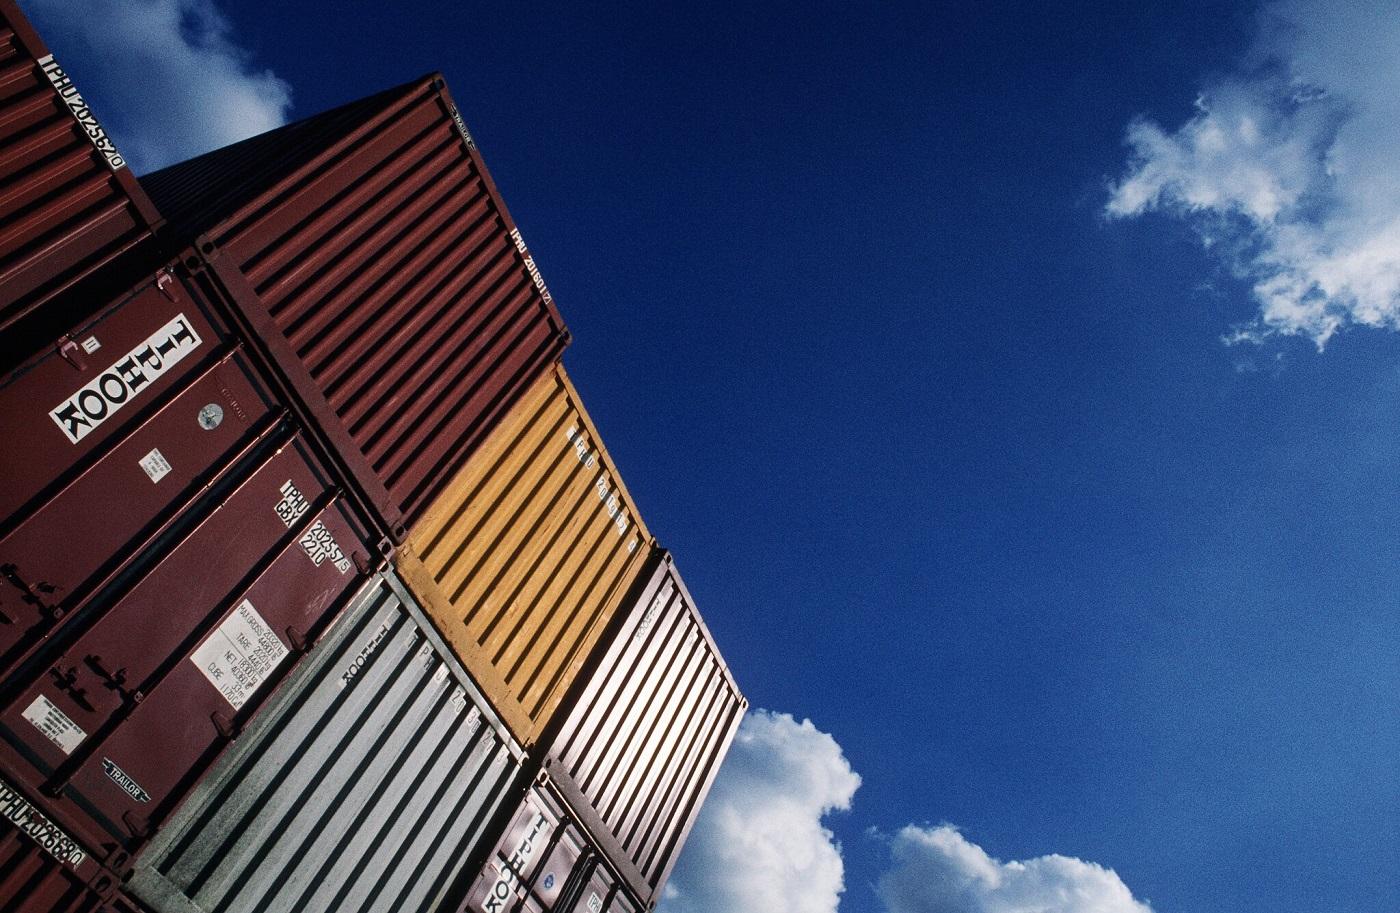 Государственная Дума приняла законопроект о нулевой ставке НДС на транзит порожних контейнеров в ЕЭАС